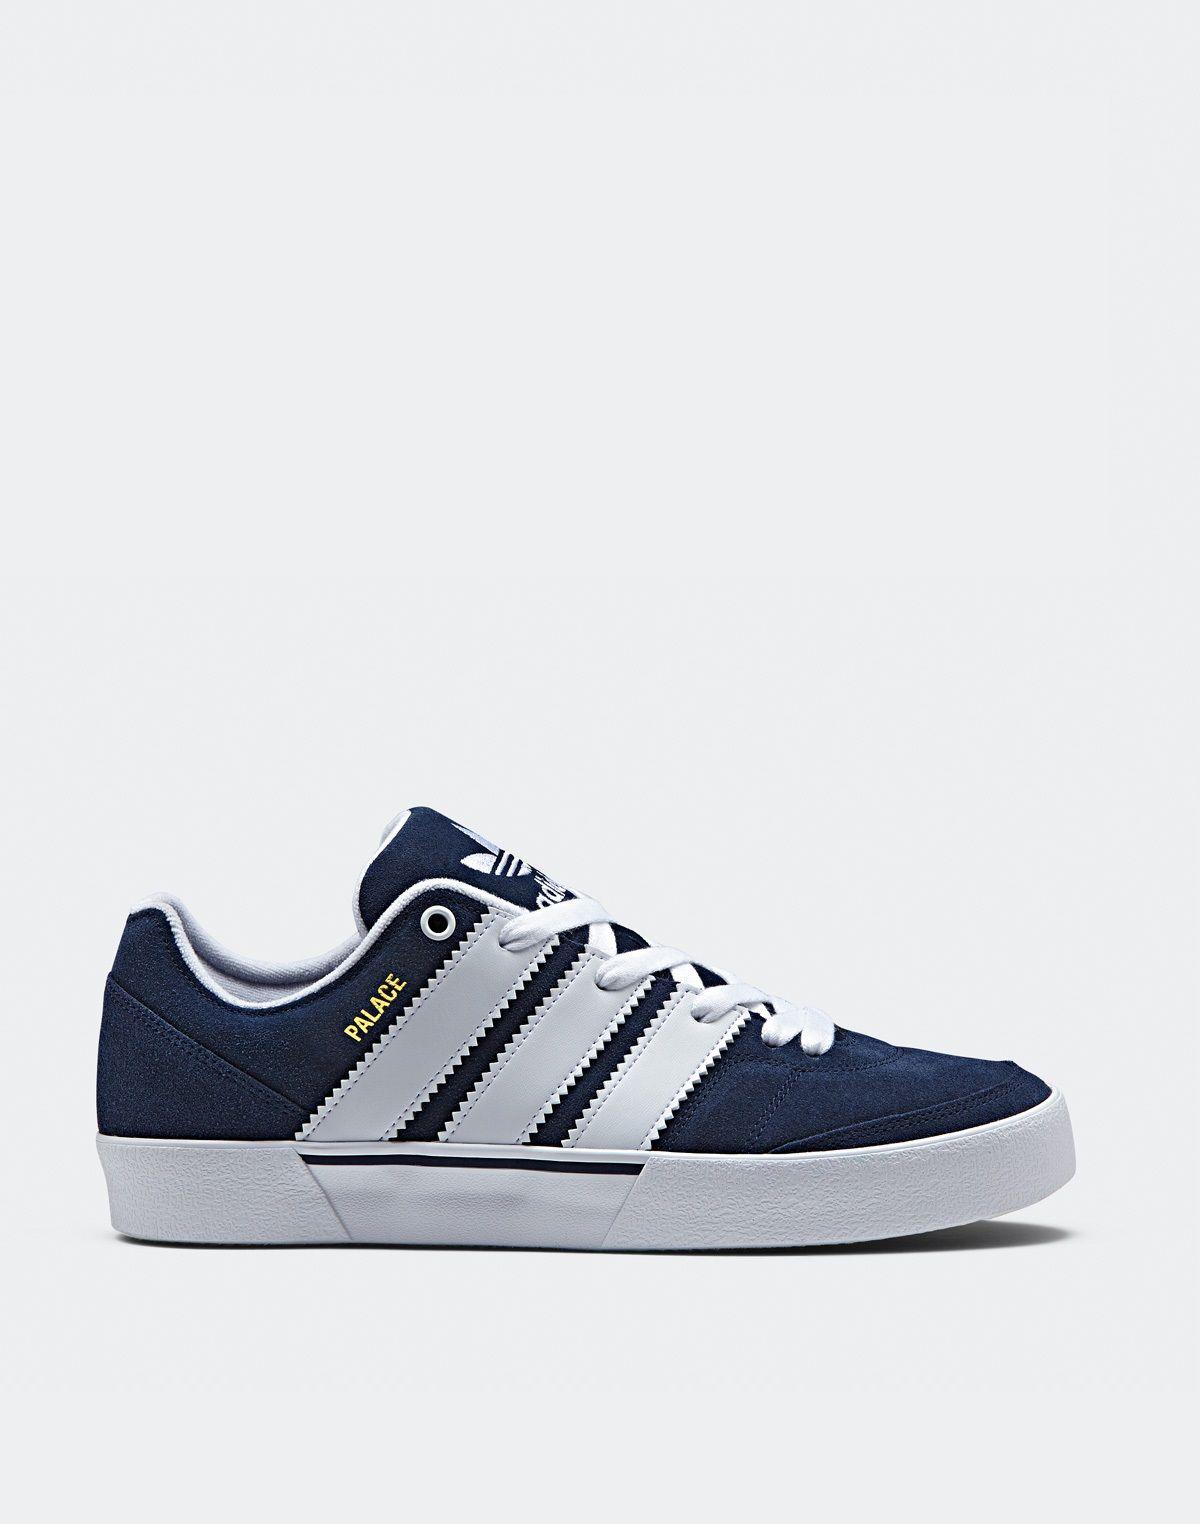 Palace X Adidas Shoes 5